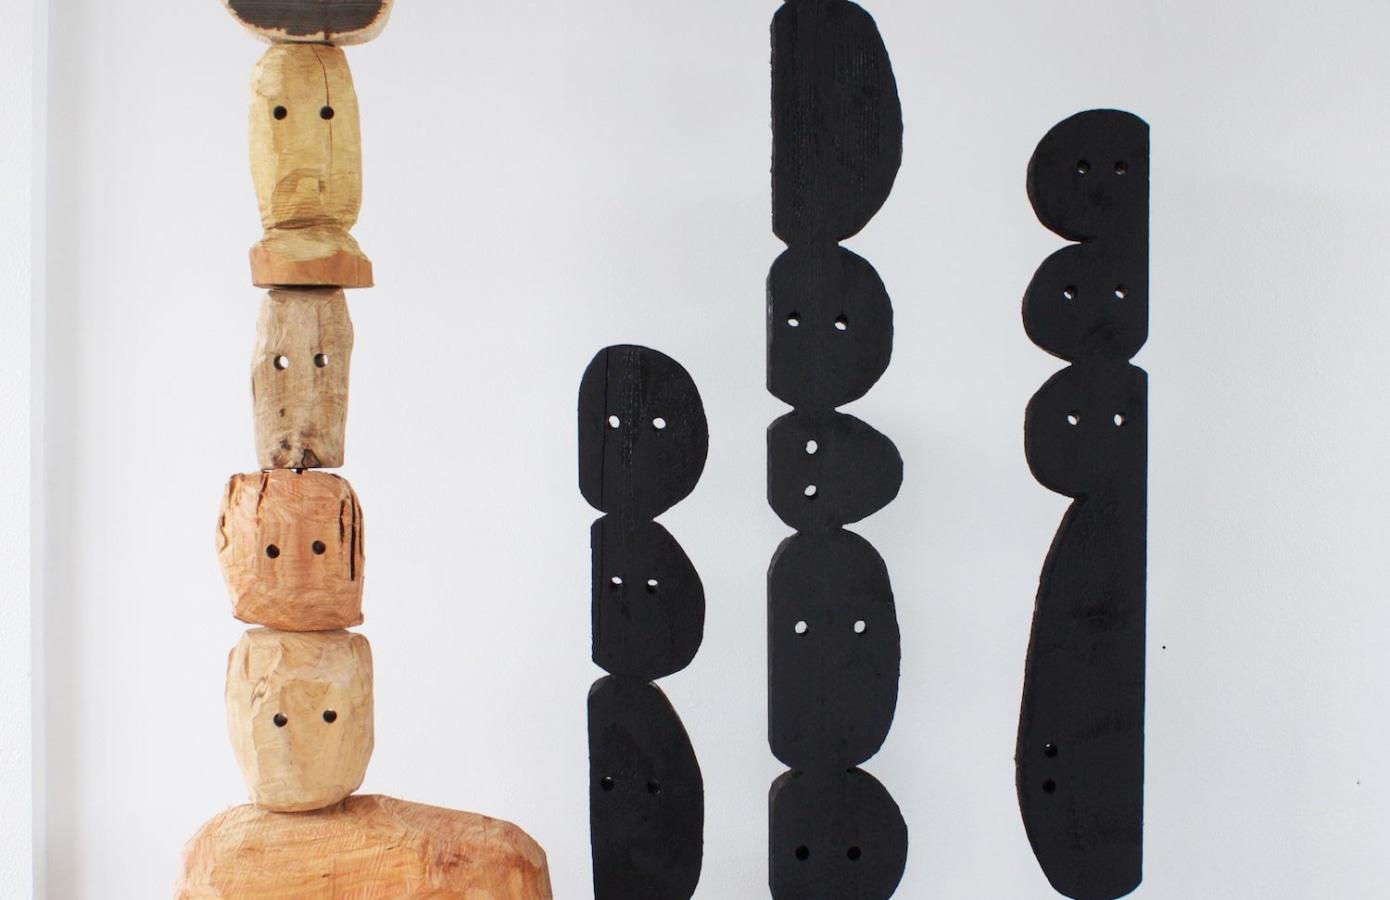 Art Rotterdam 2020, Irene Suosalo, Tuukka Tammisaari, Lars Worm,